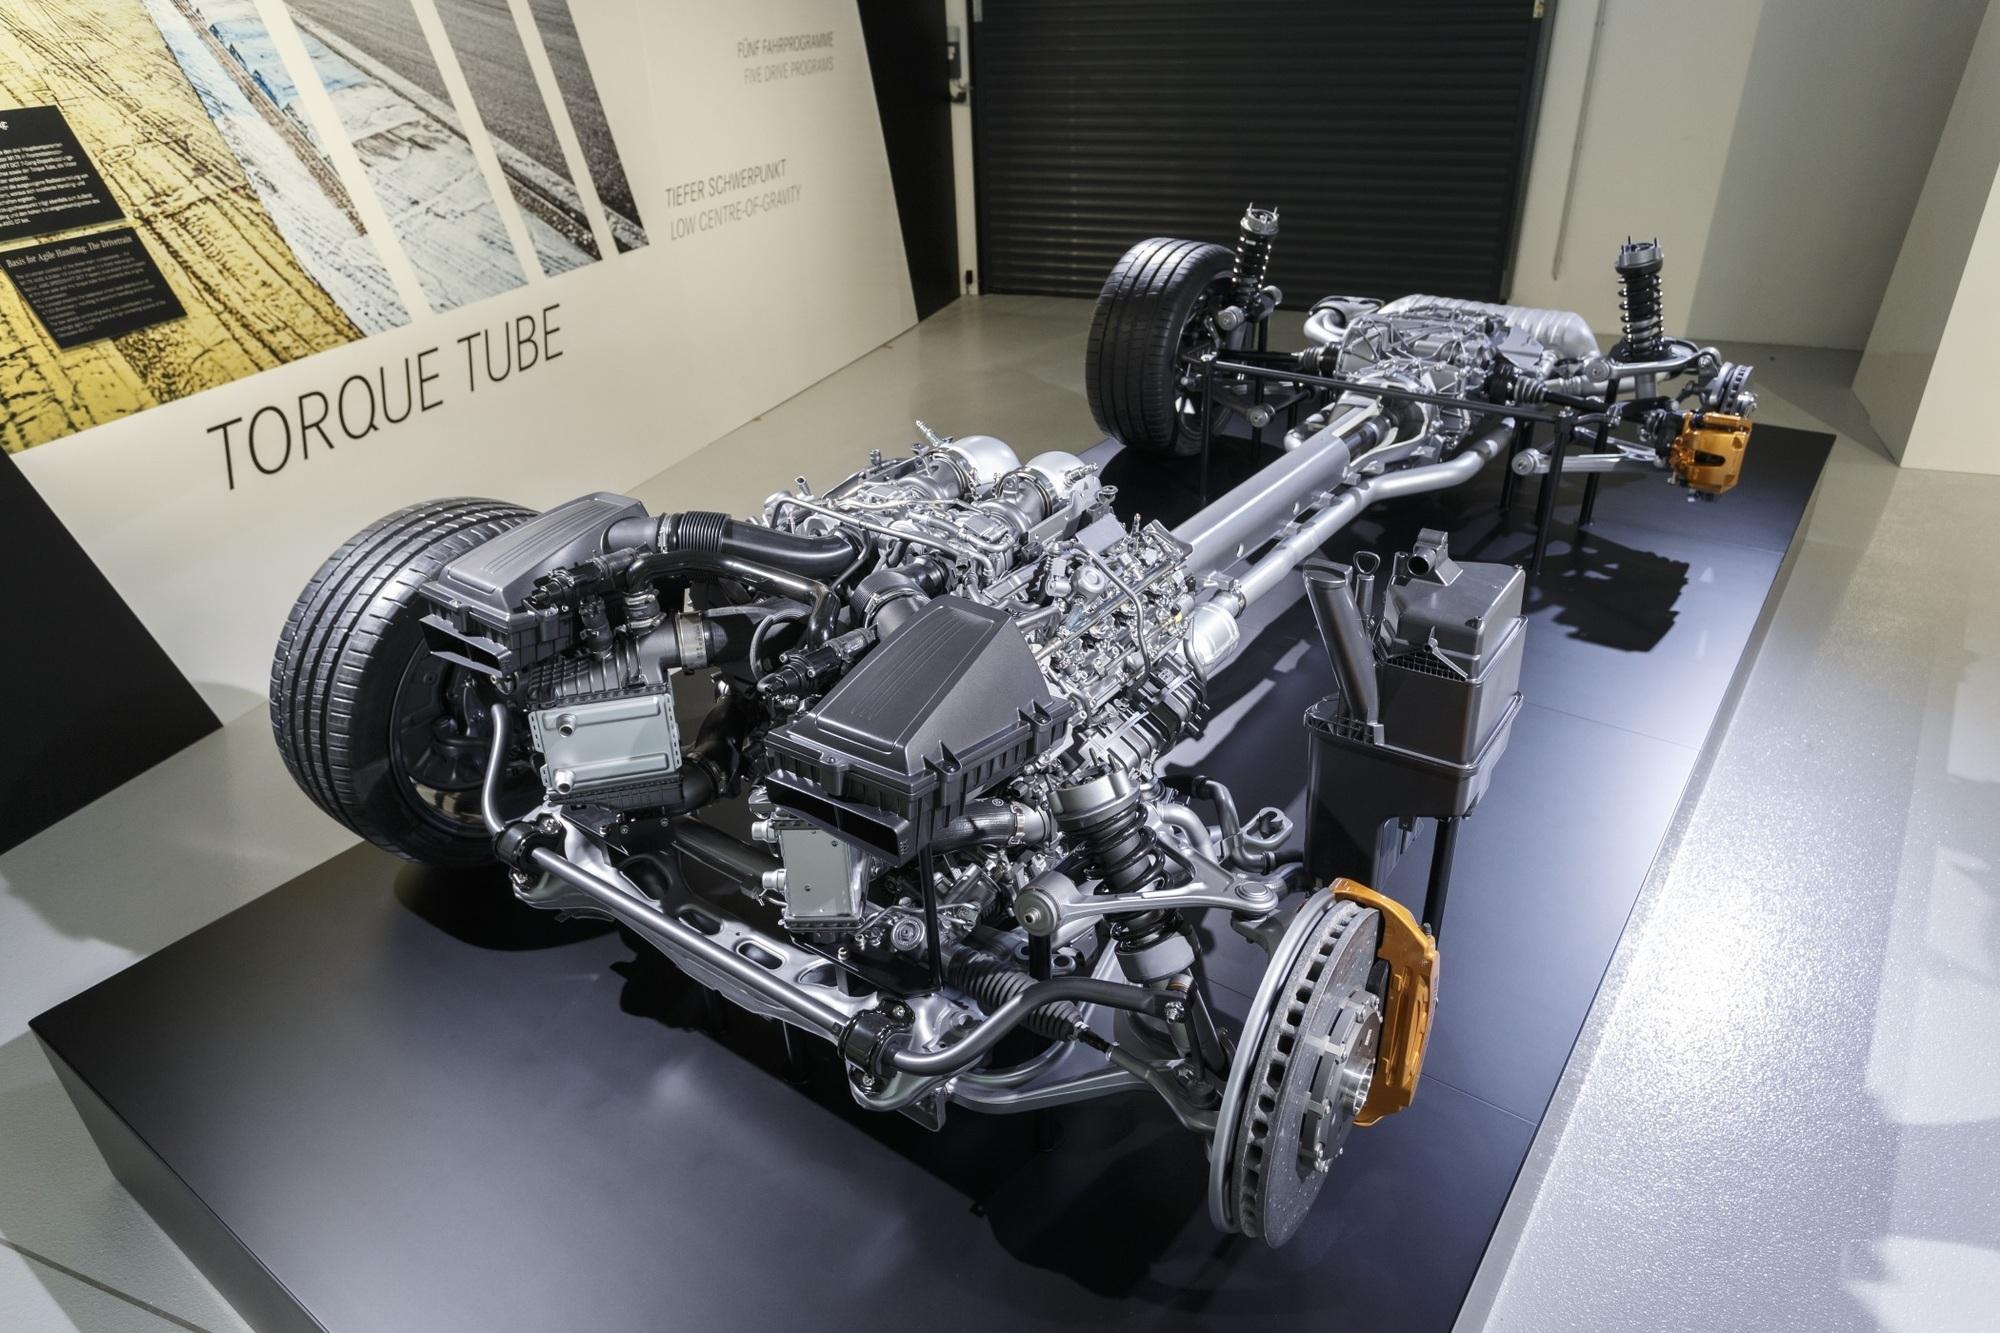 Technikhintergrund: Was ist eigentlich ein Transaxle-Getriebe? - Schön neutral